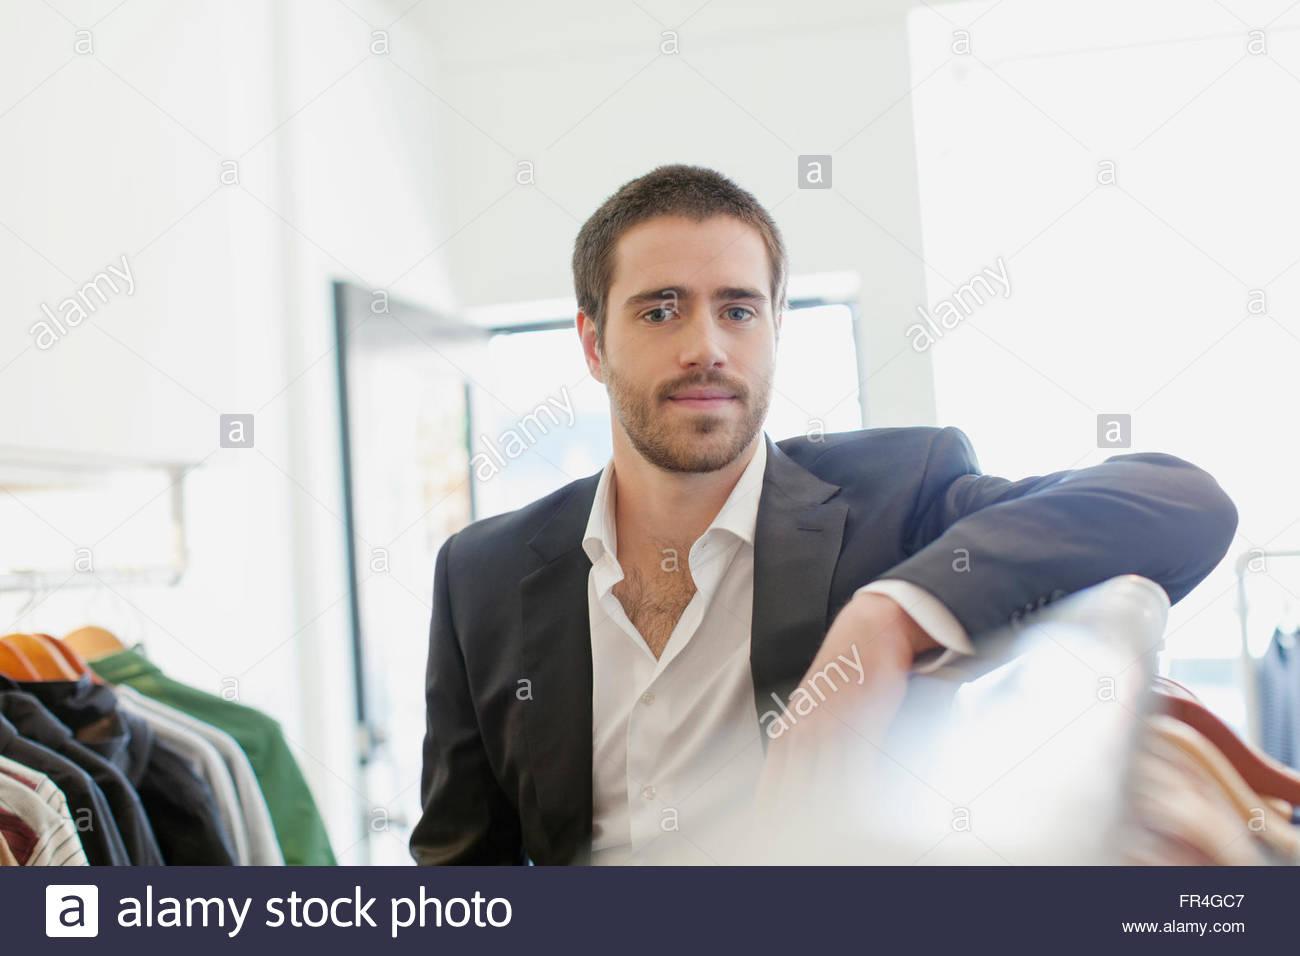 Retrato de quebrantahuesos empleado en mens store. Imagen De Stock